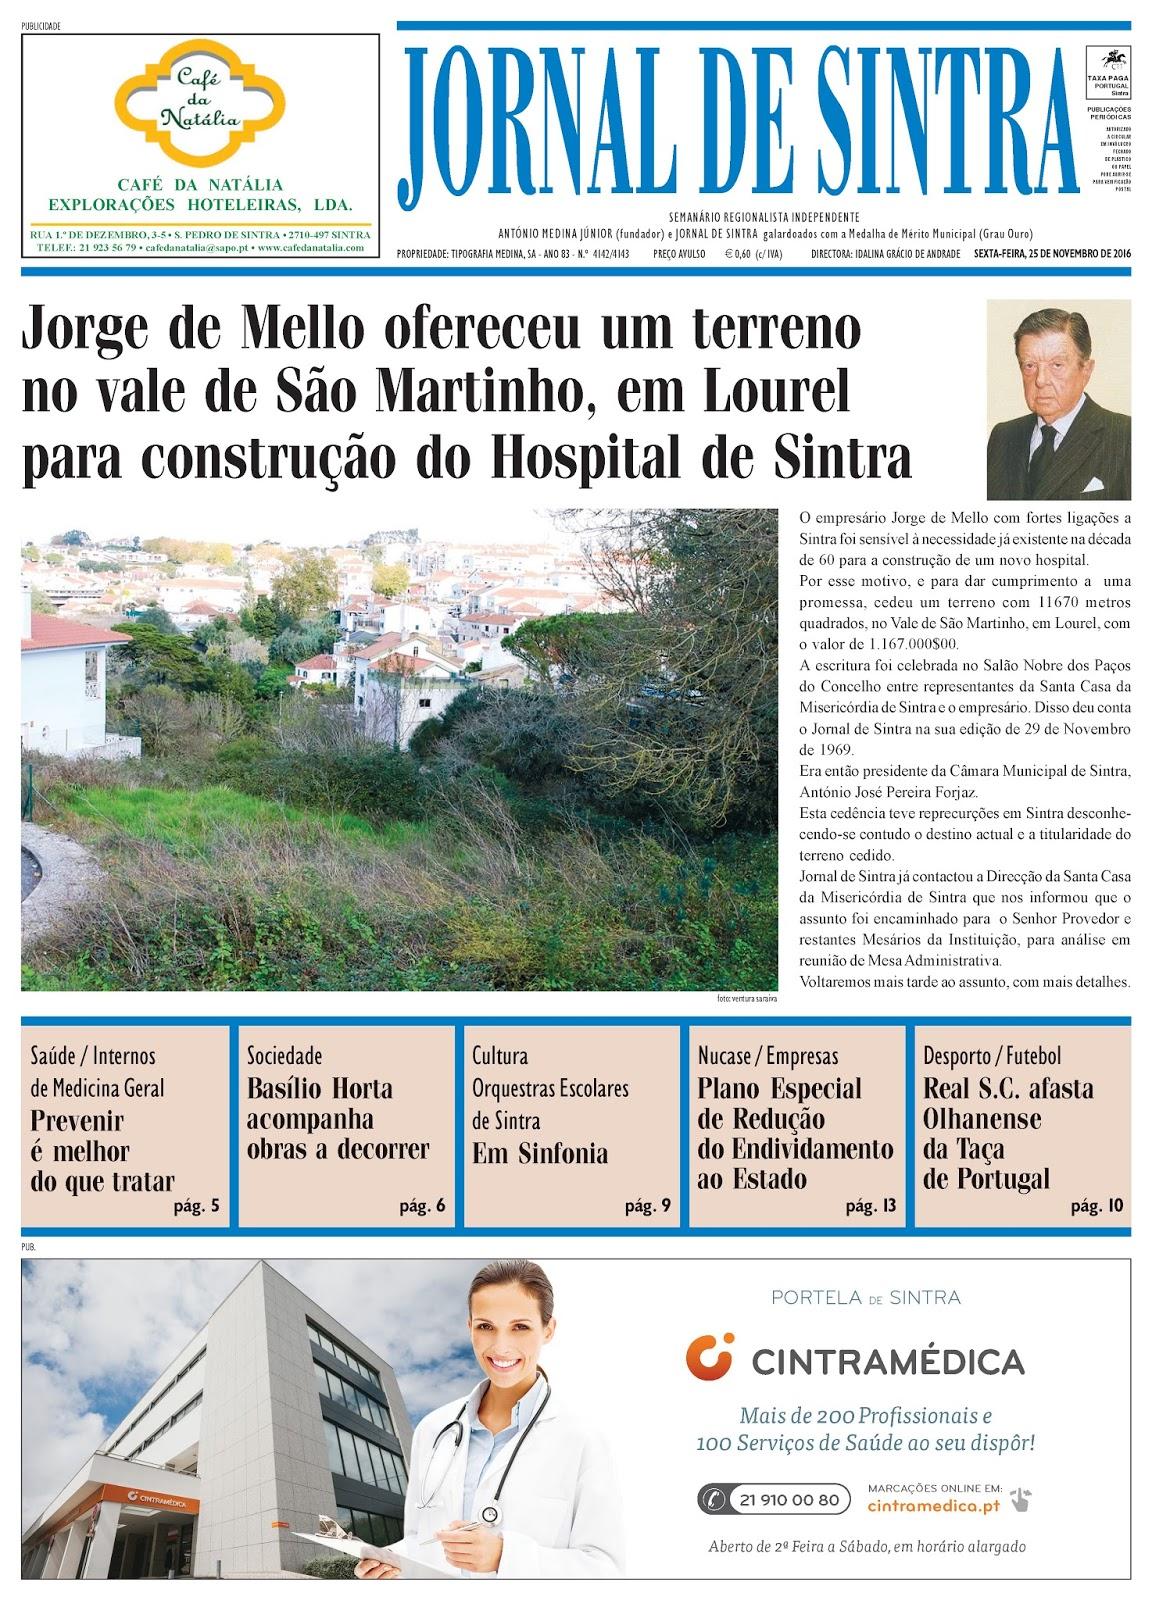 Capa da edição de 25-11-2016